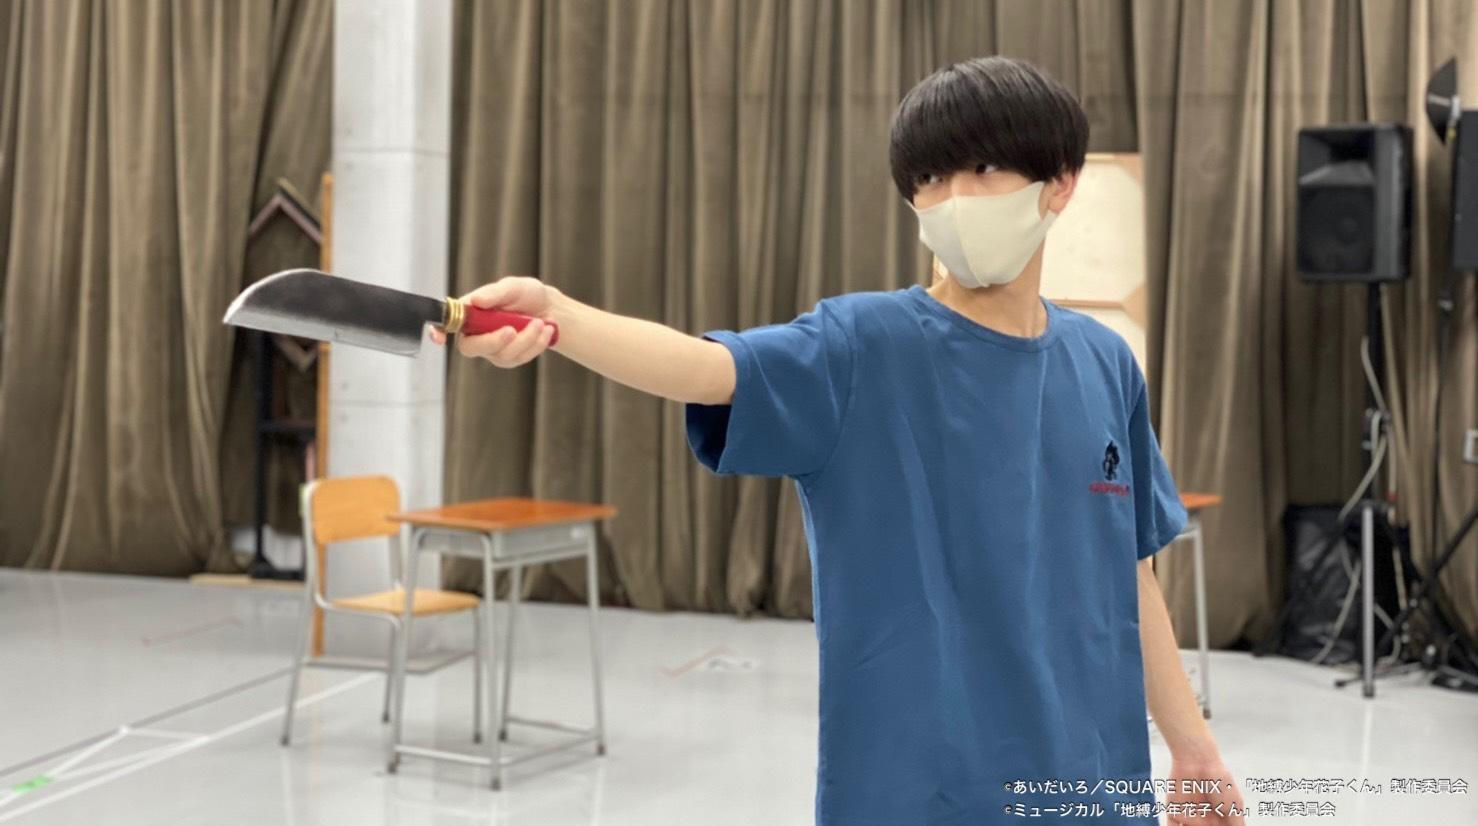 役者たちの熱意、演じる喜び…『地縛少年花子くん-The Musical-』稽古場レポート イメージ画像